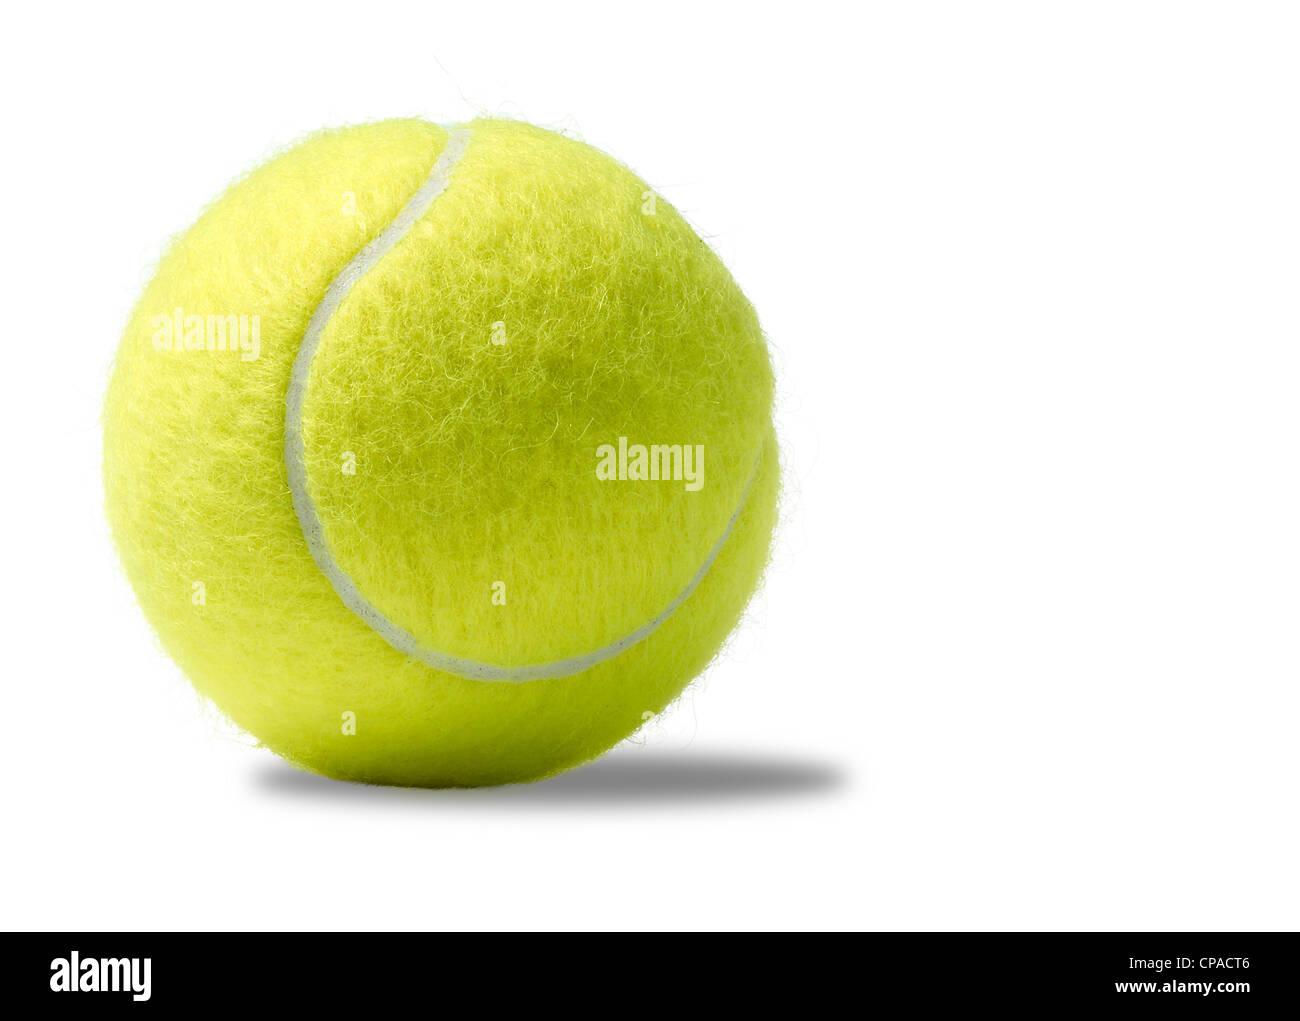 Un giallo palla da tennis su sfondo bianco Immagini Stock